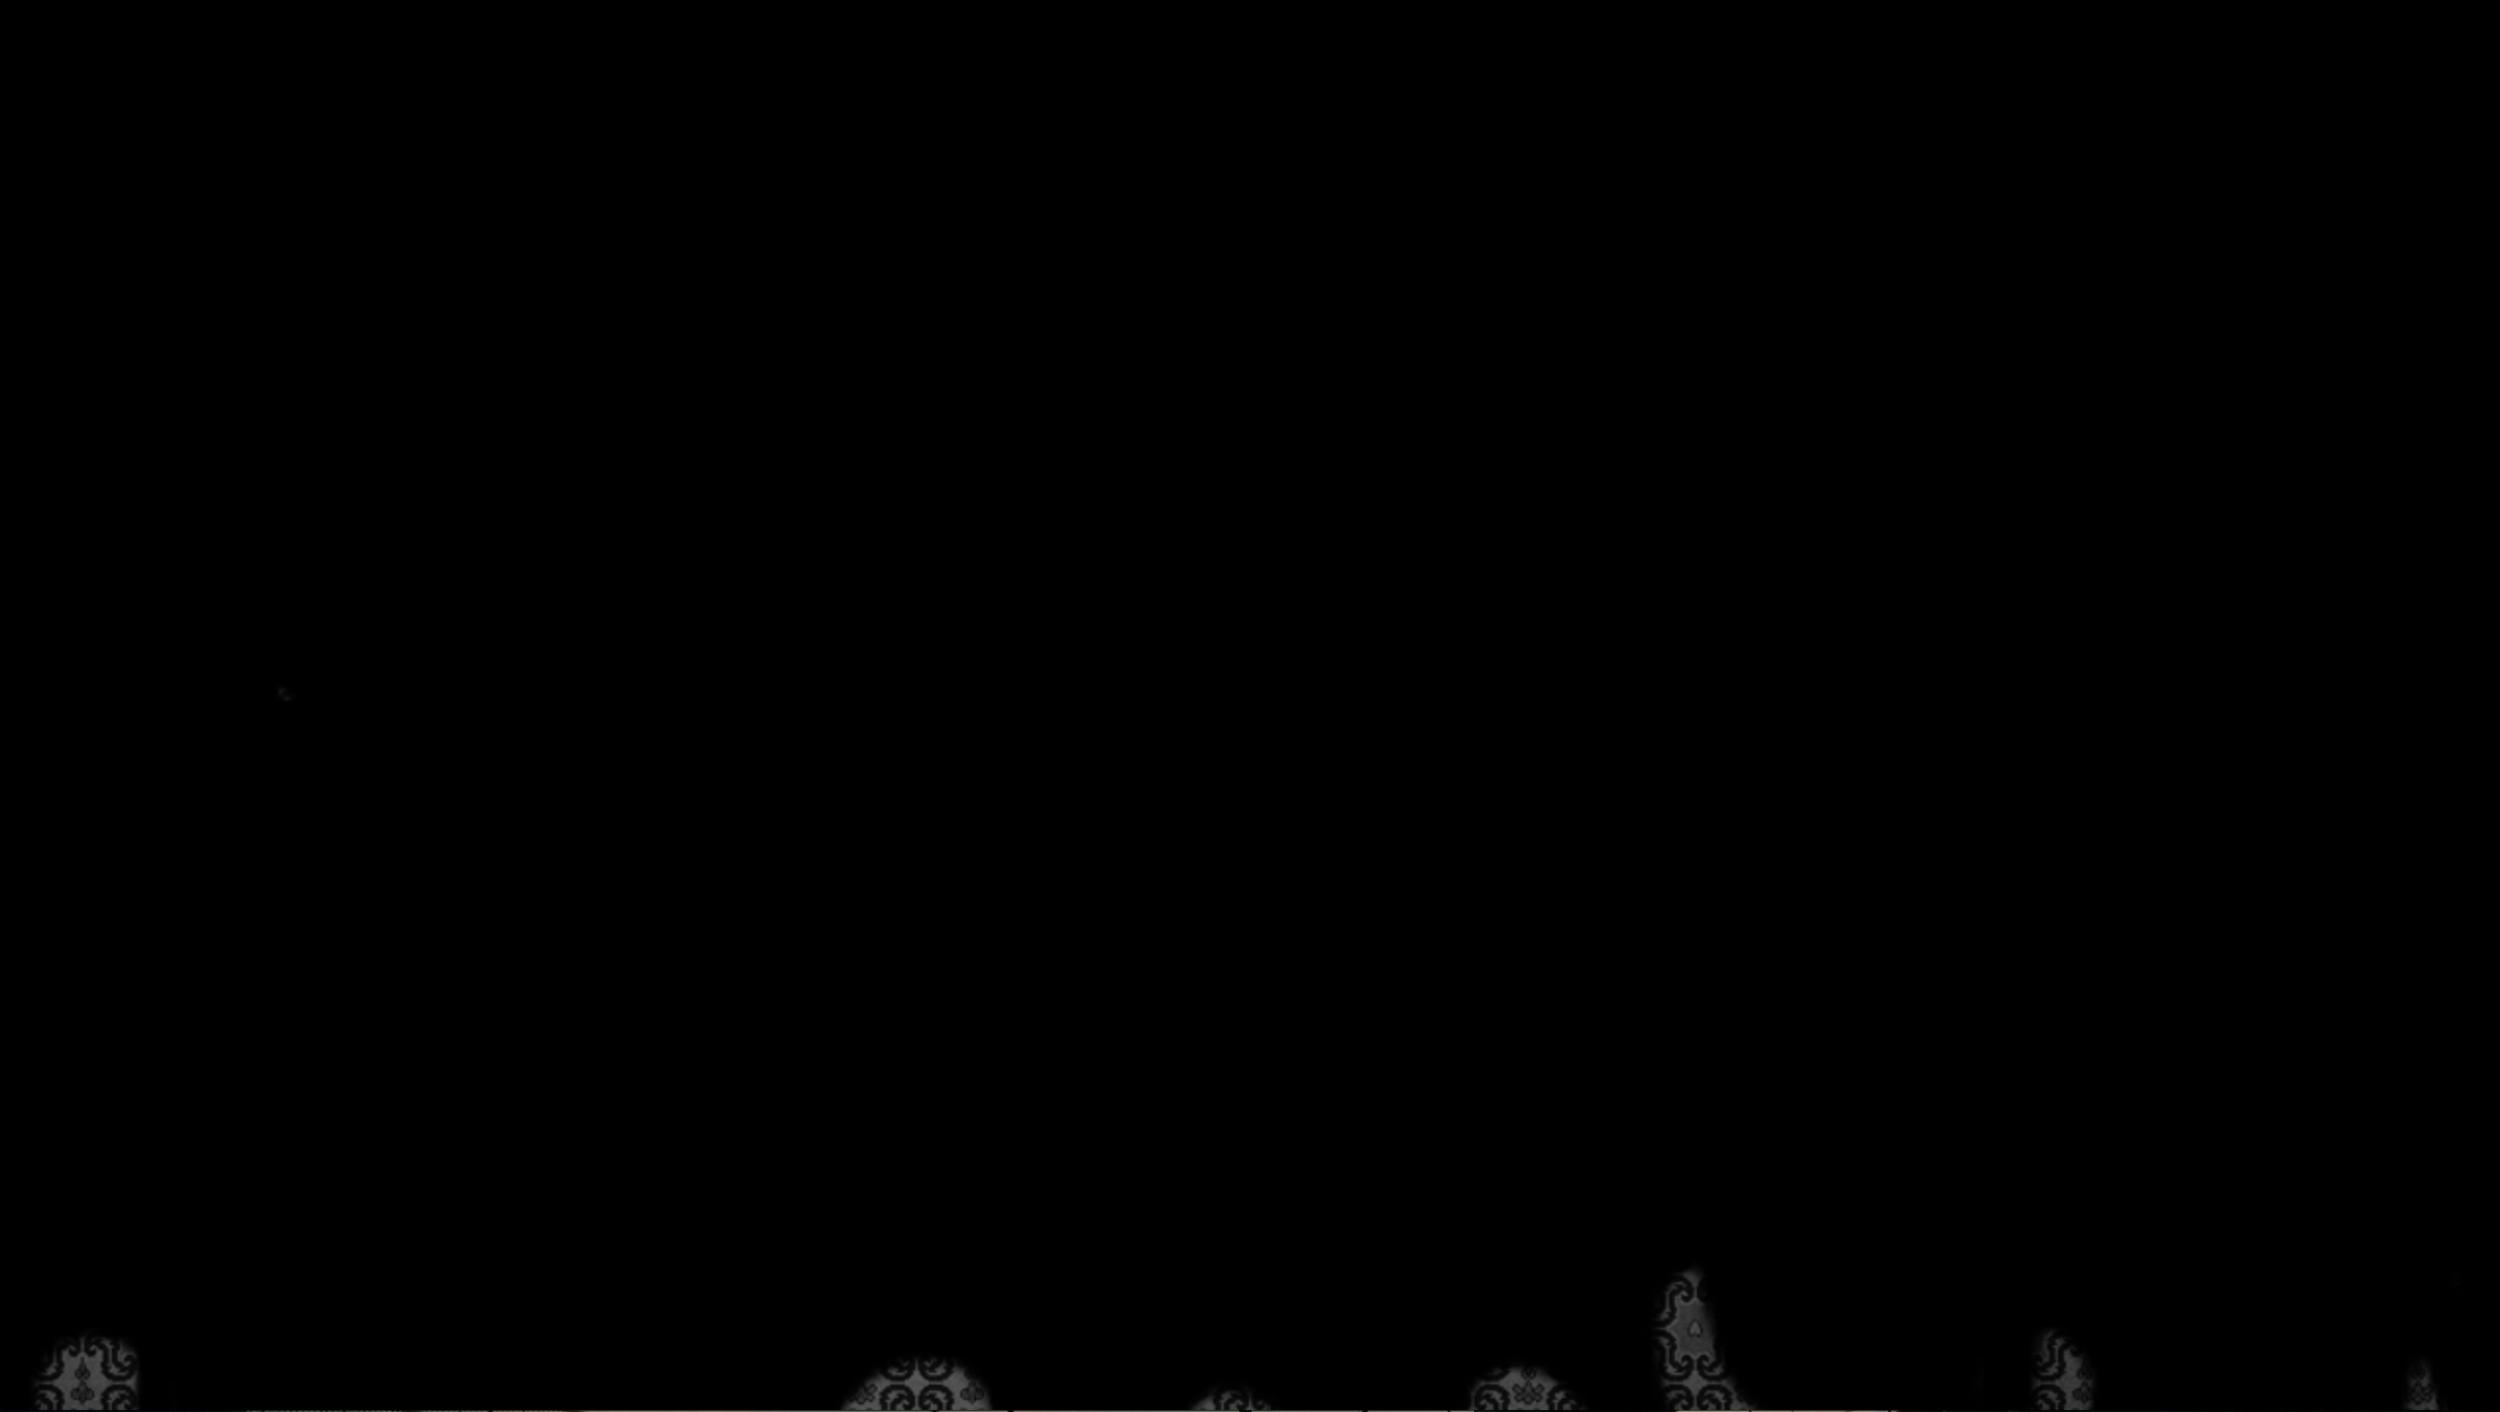 Screen Shot 2017-05-14 at 11.29.02 AM.png